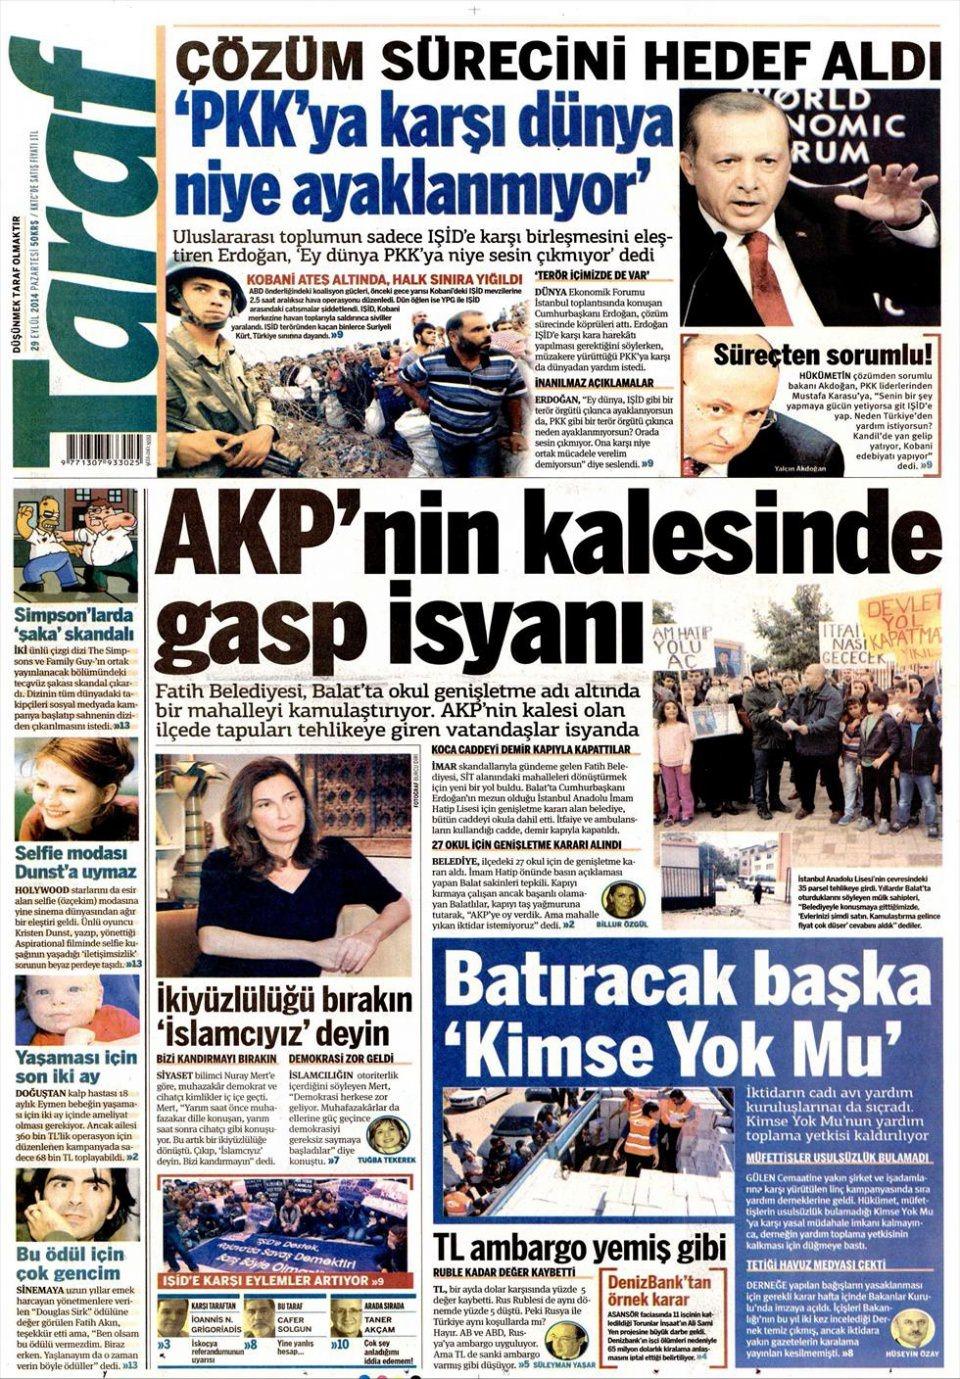 29 Eylül 2014 gazete manşetleri 20